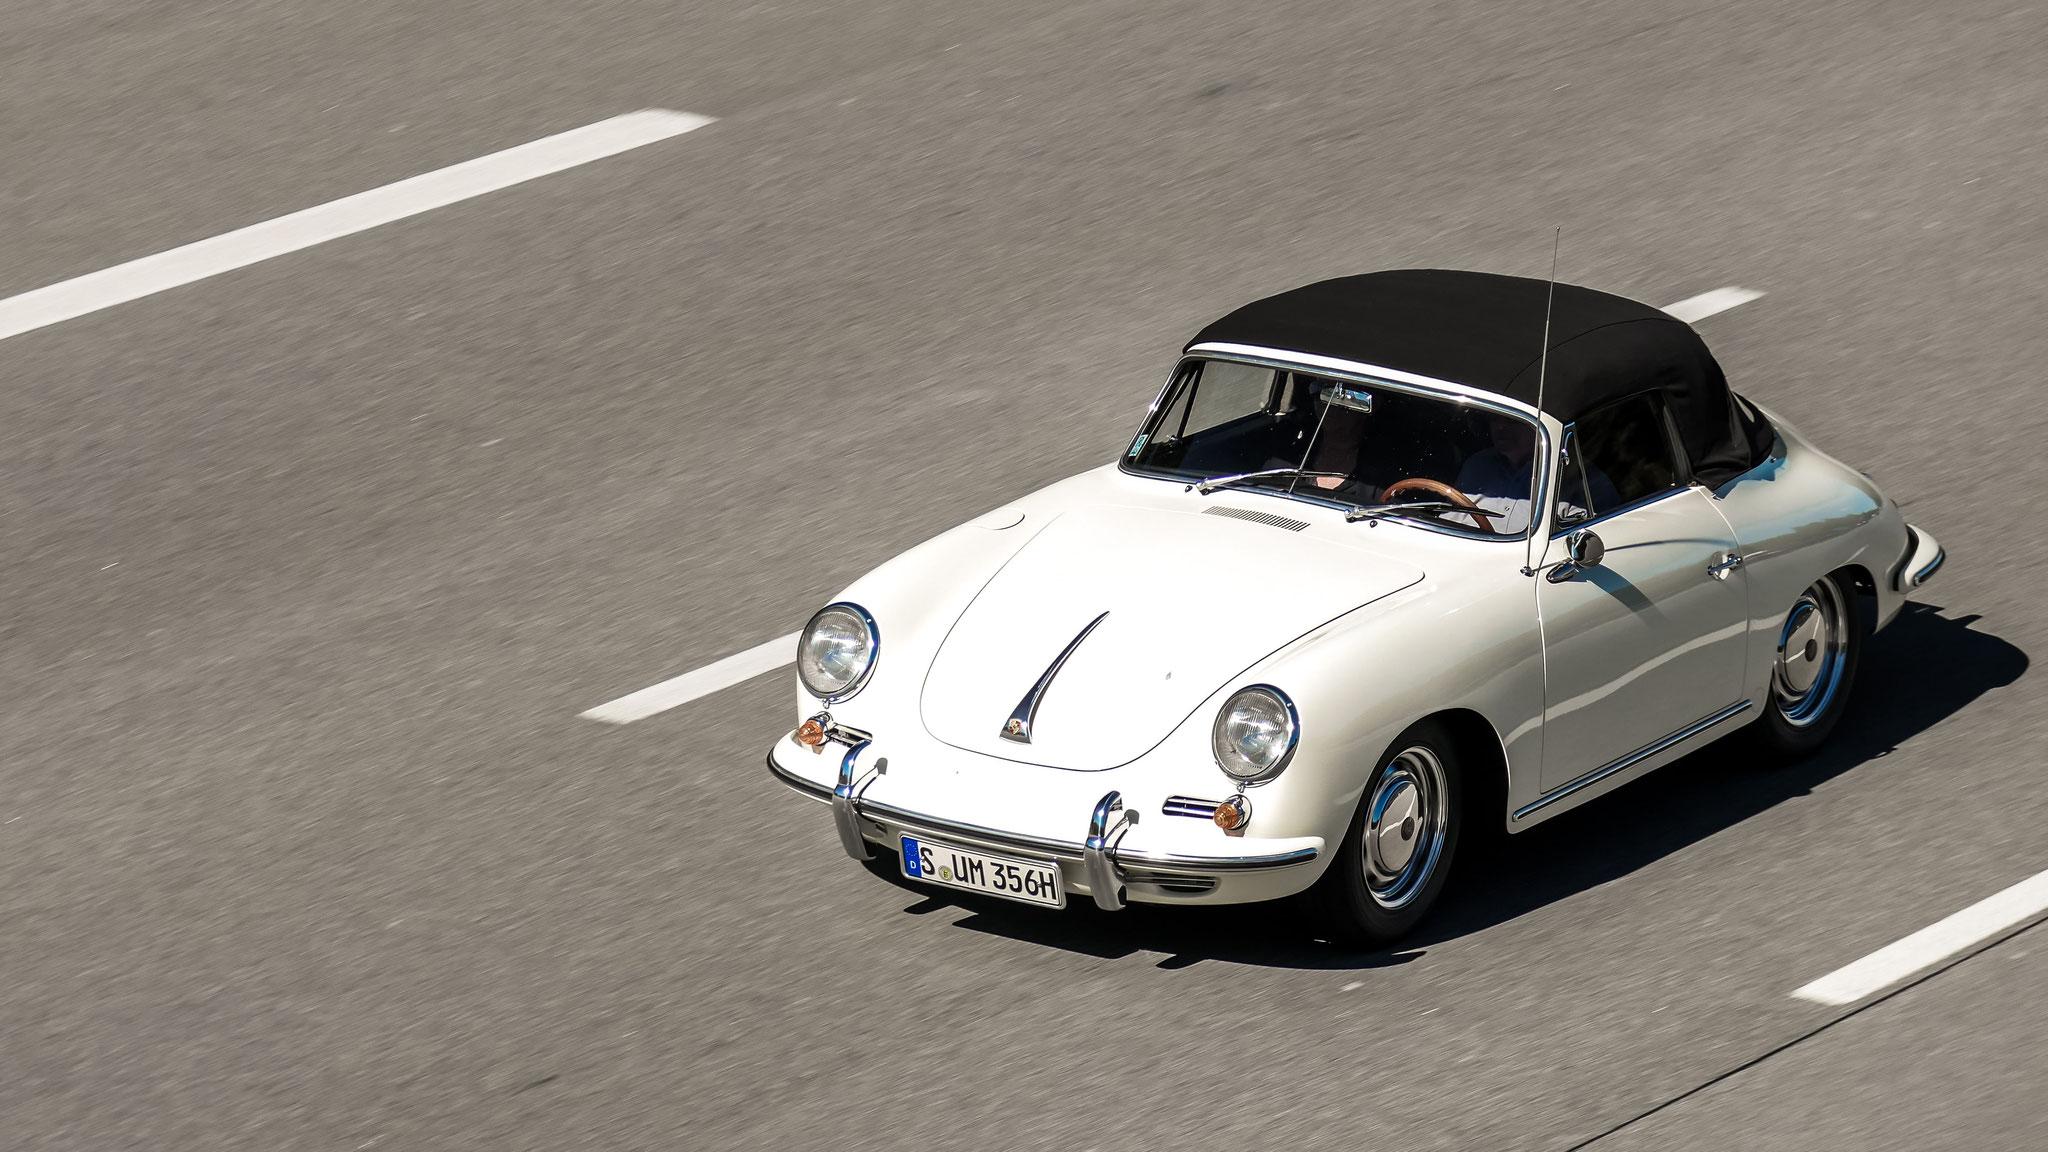 Porsche 356 Cabrio - S-UM-356H